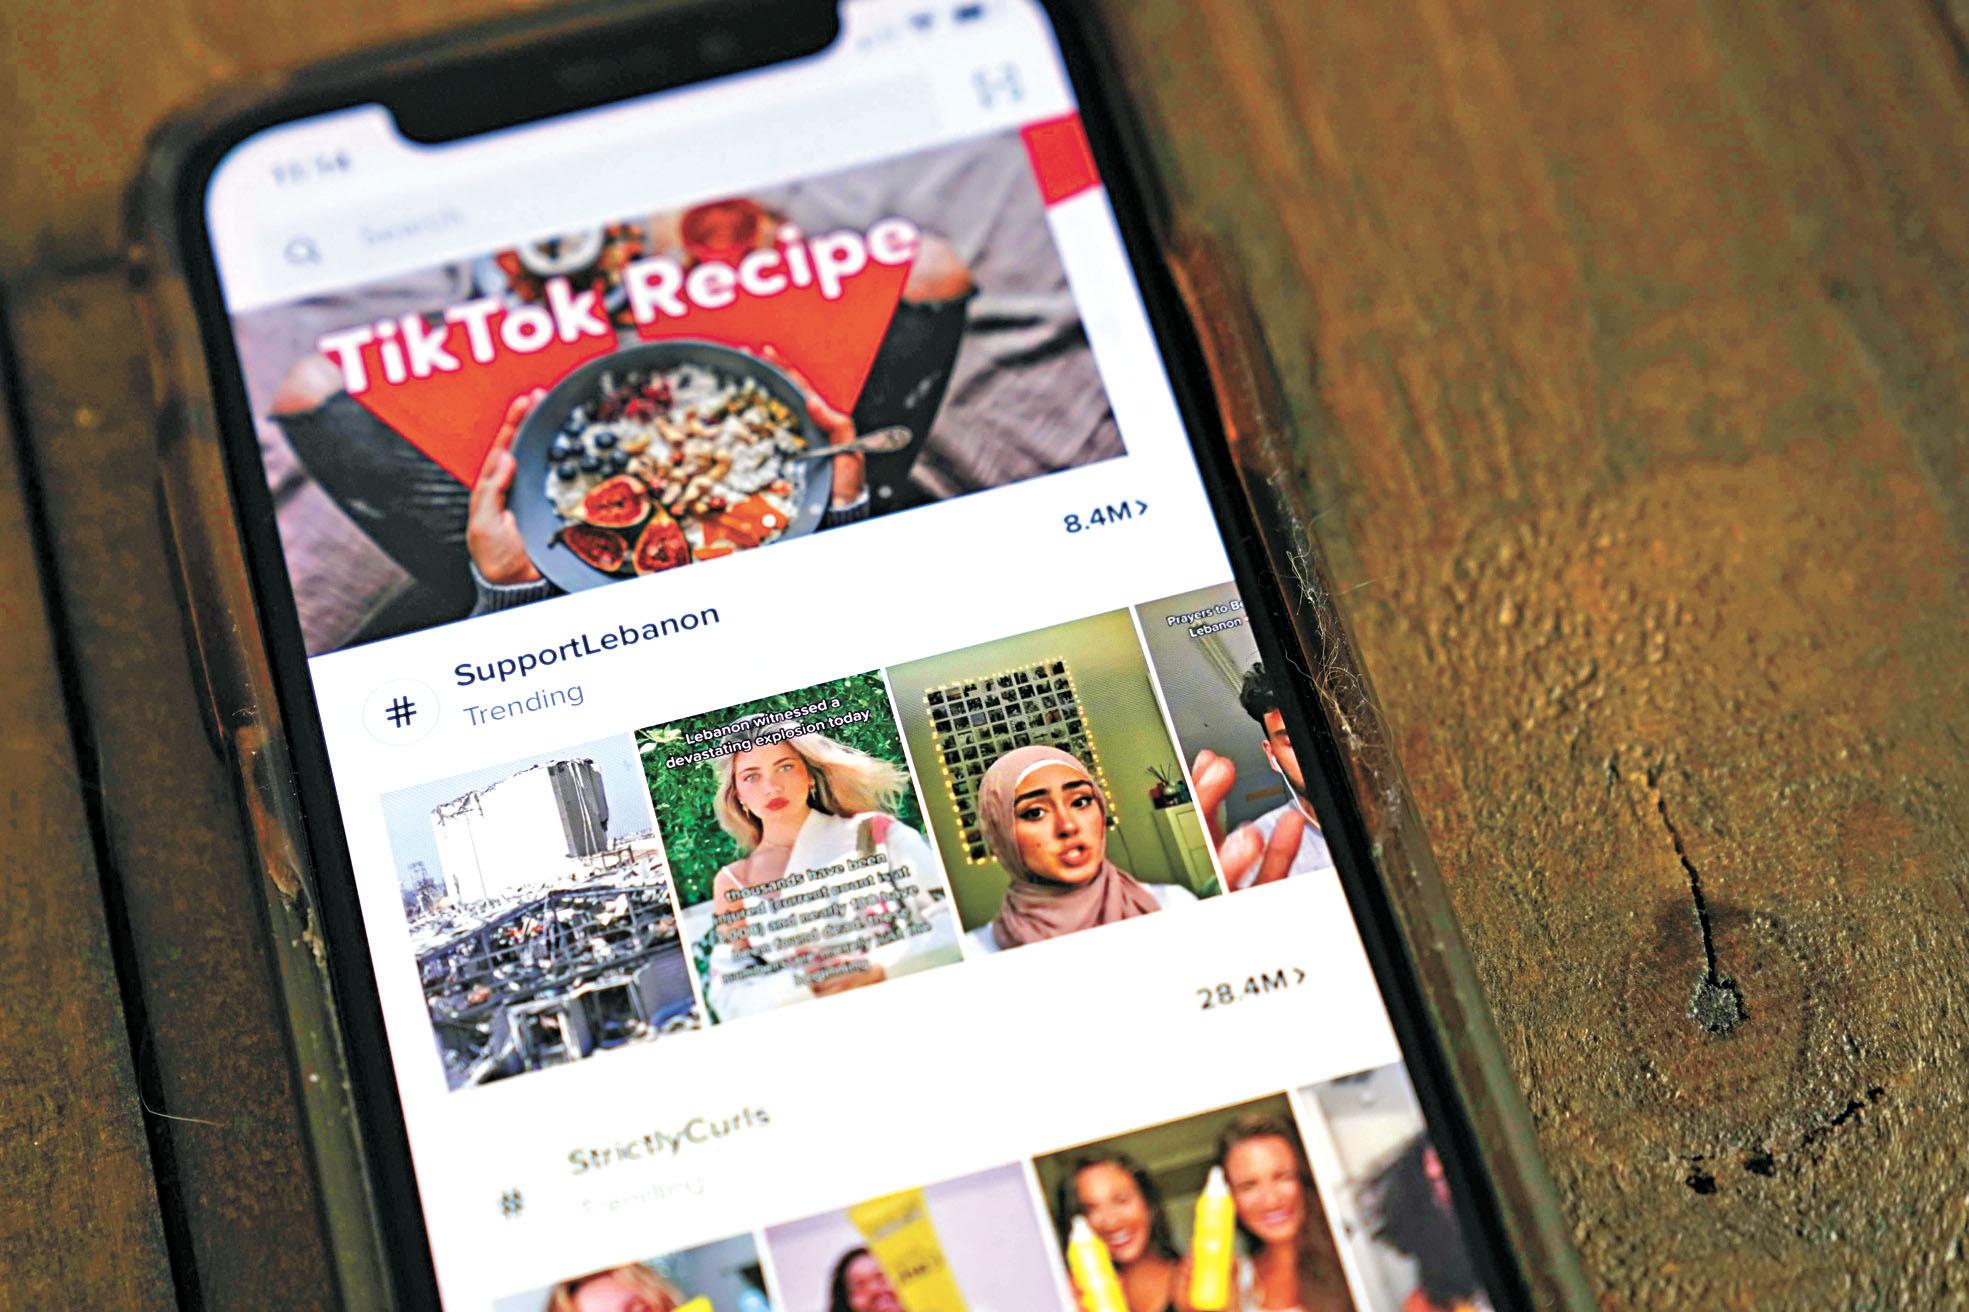 TikTok在全球下載量急升,據傳微軟正與其洽談收購之際,推特也加入競爭行列。法新社